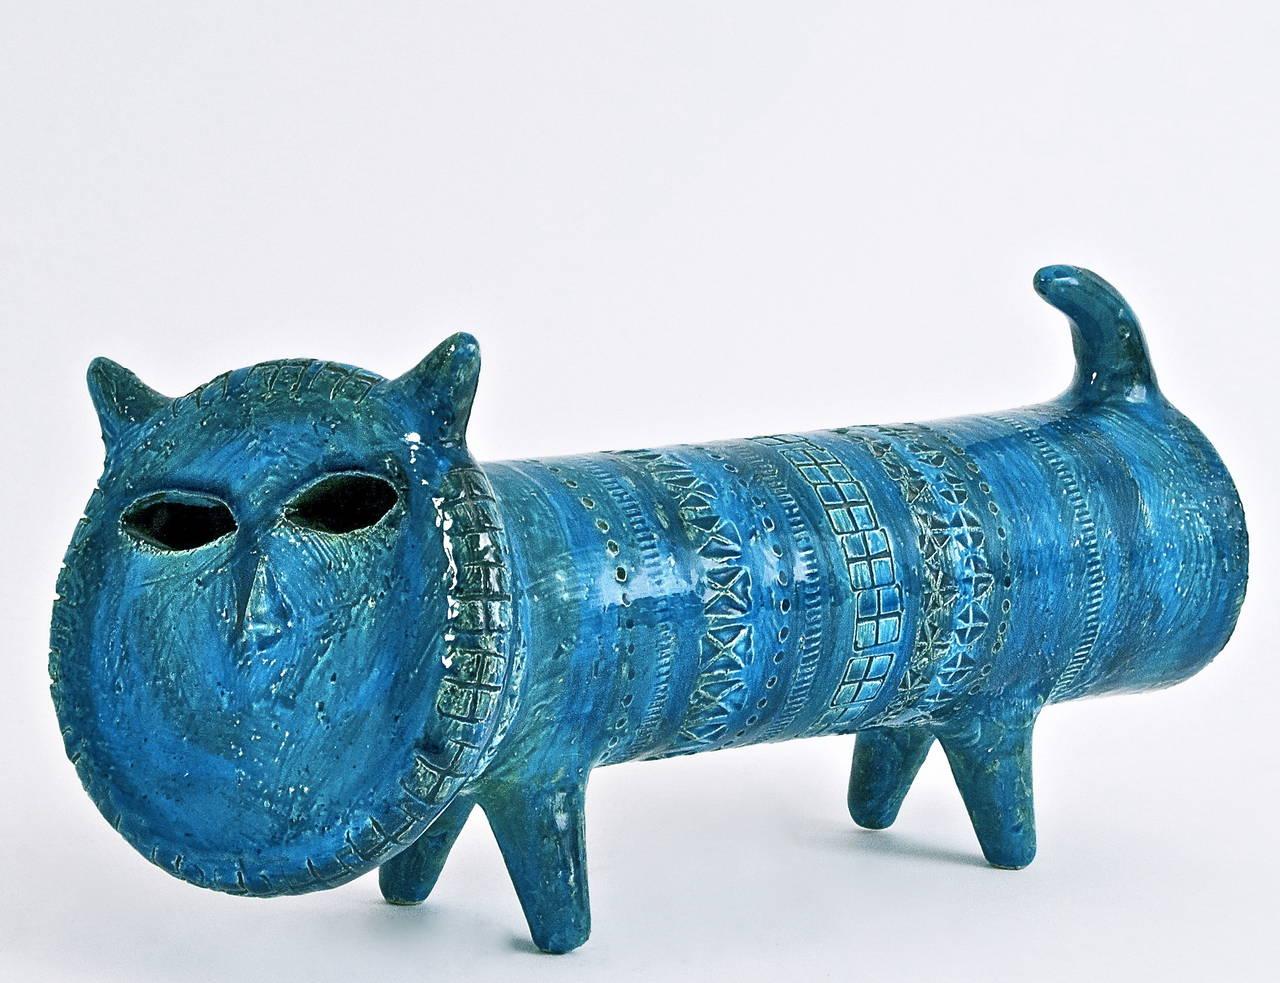 Rare Quot Rimini Blu Quot Ceramic Cat By Aldo Londi For Bitossi At